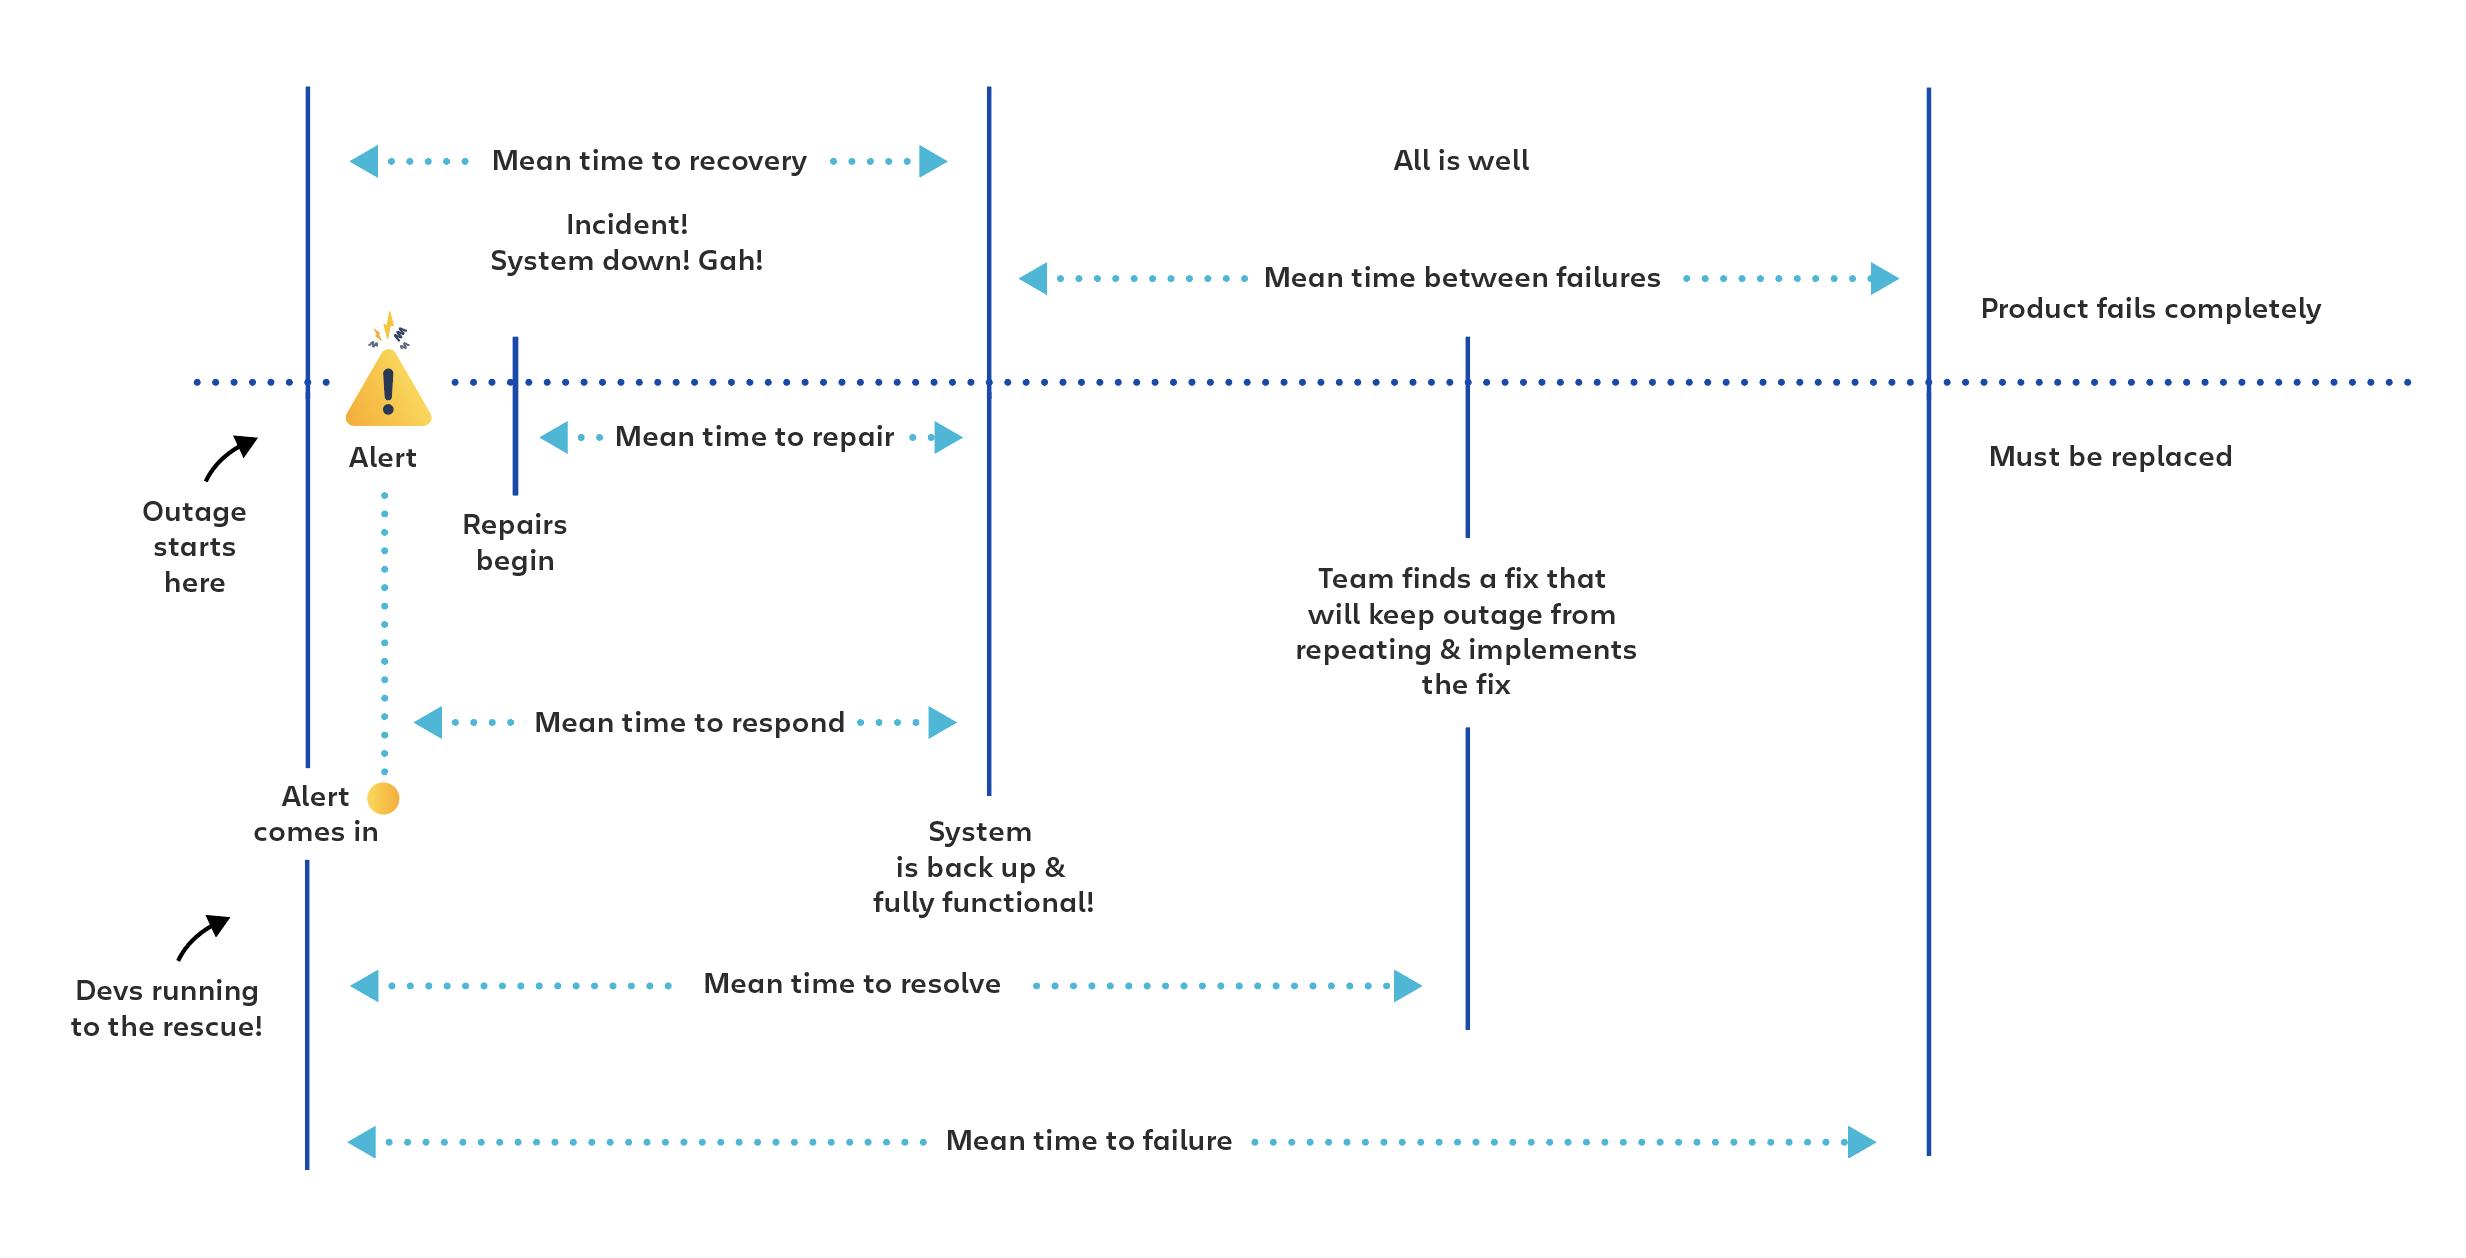 Illustration, die zeigt, wie die Verwendung von MTBF, MTTR, MTTA und MTTF das Vorfallmanagement verbessern kann